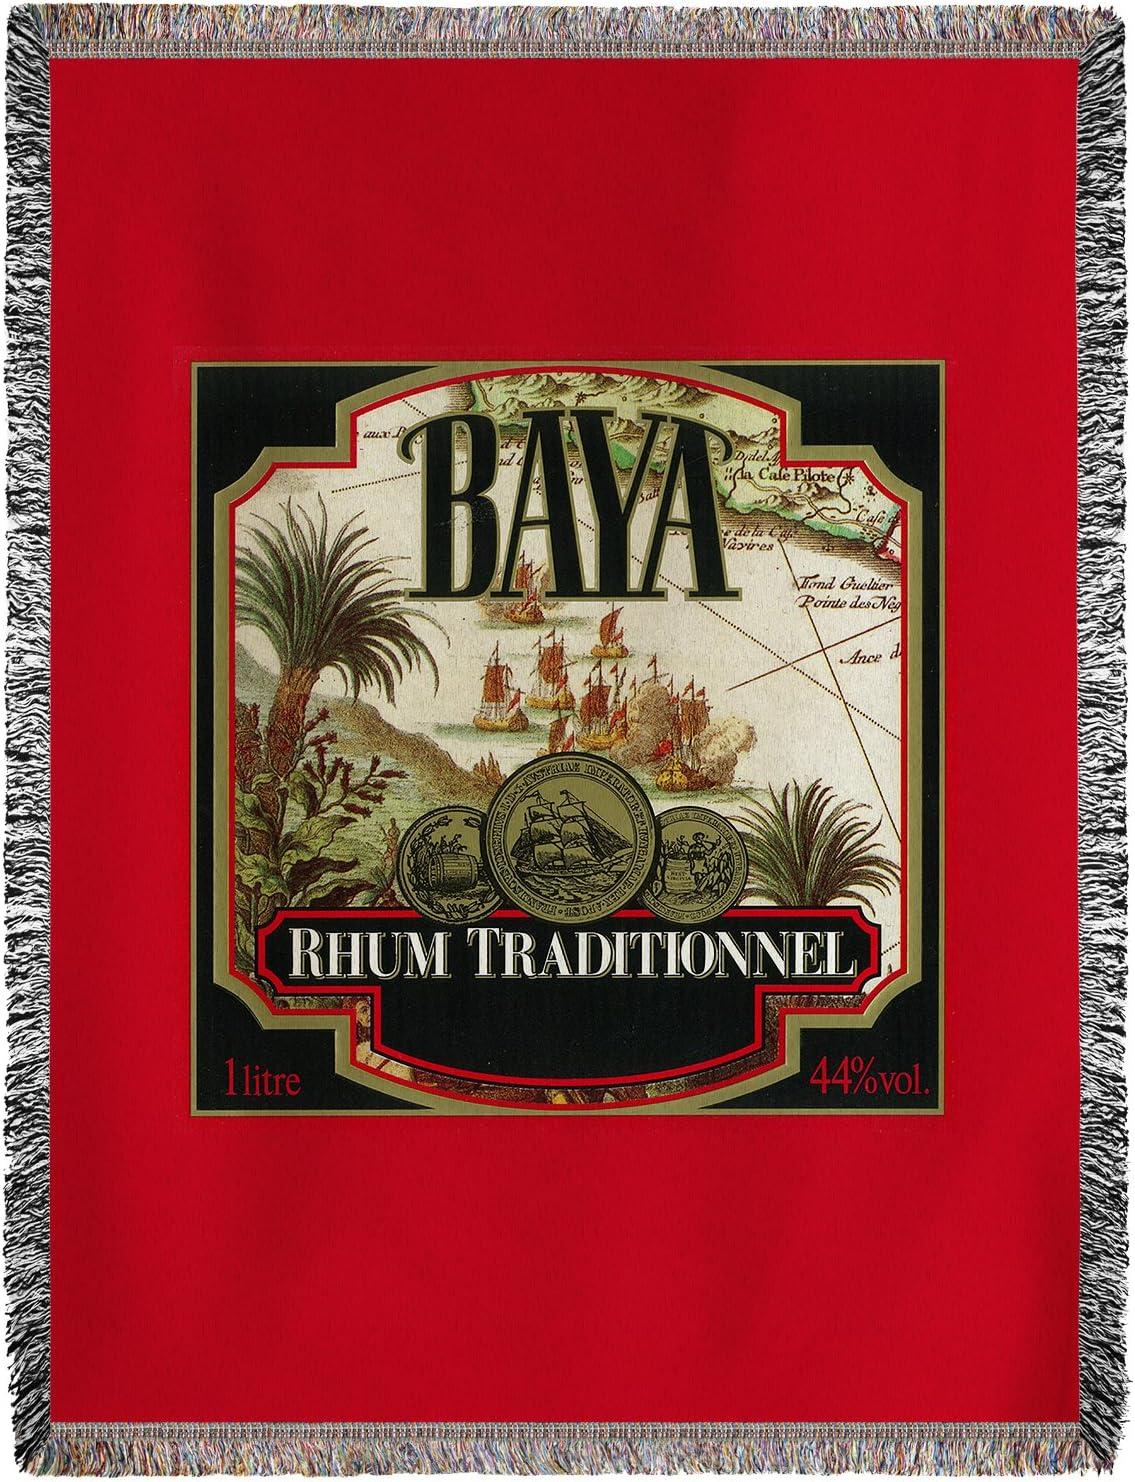 Rhum traditionnel Baya marca etiqueta de Ron (60 x 80 manta ...